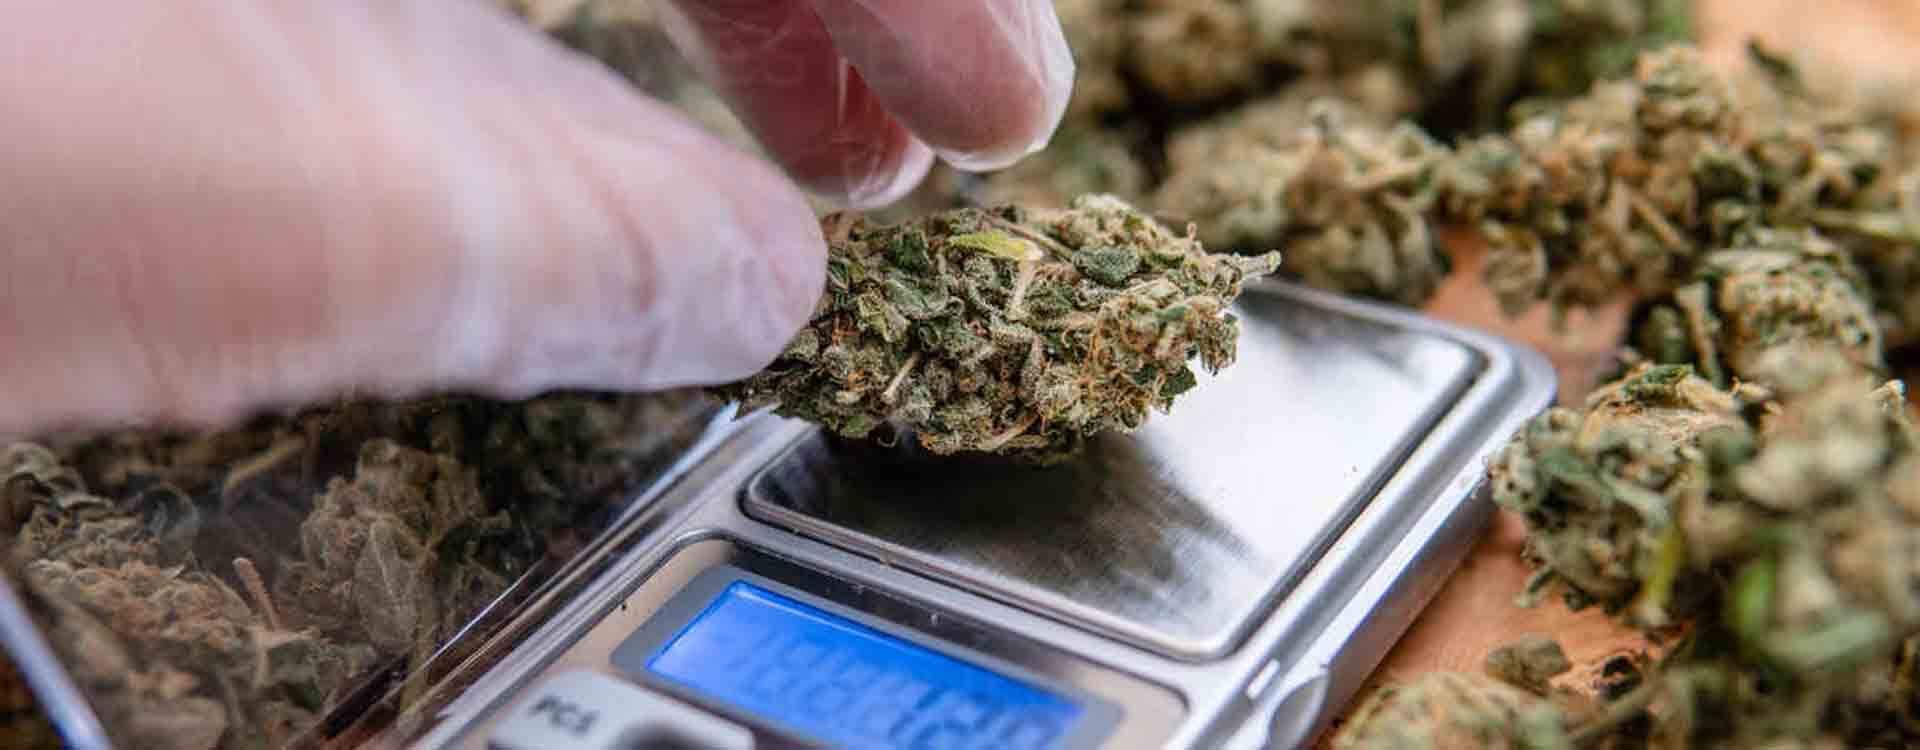 Váženie kvetov marihuany